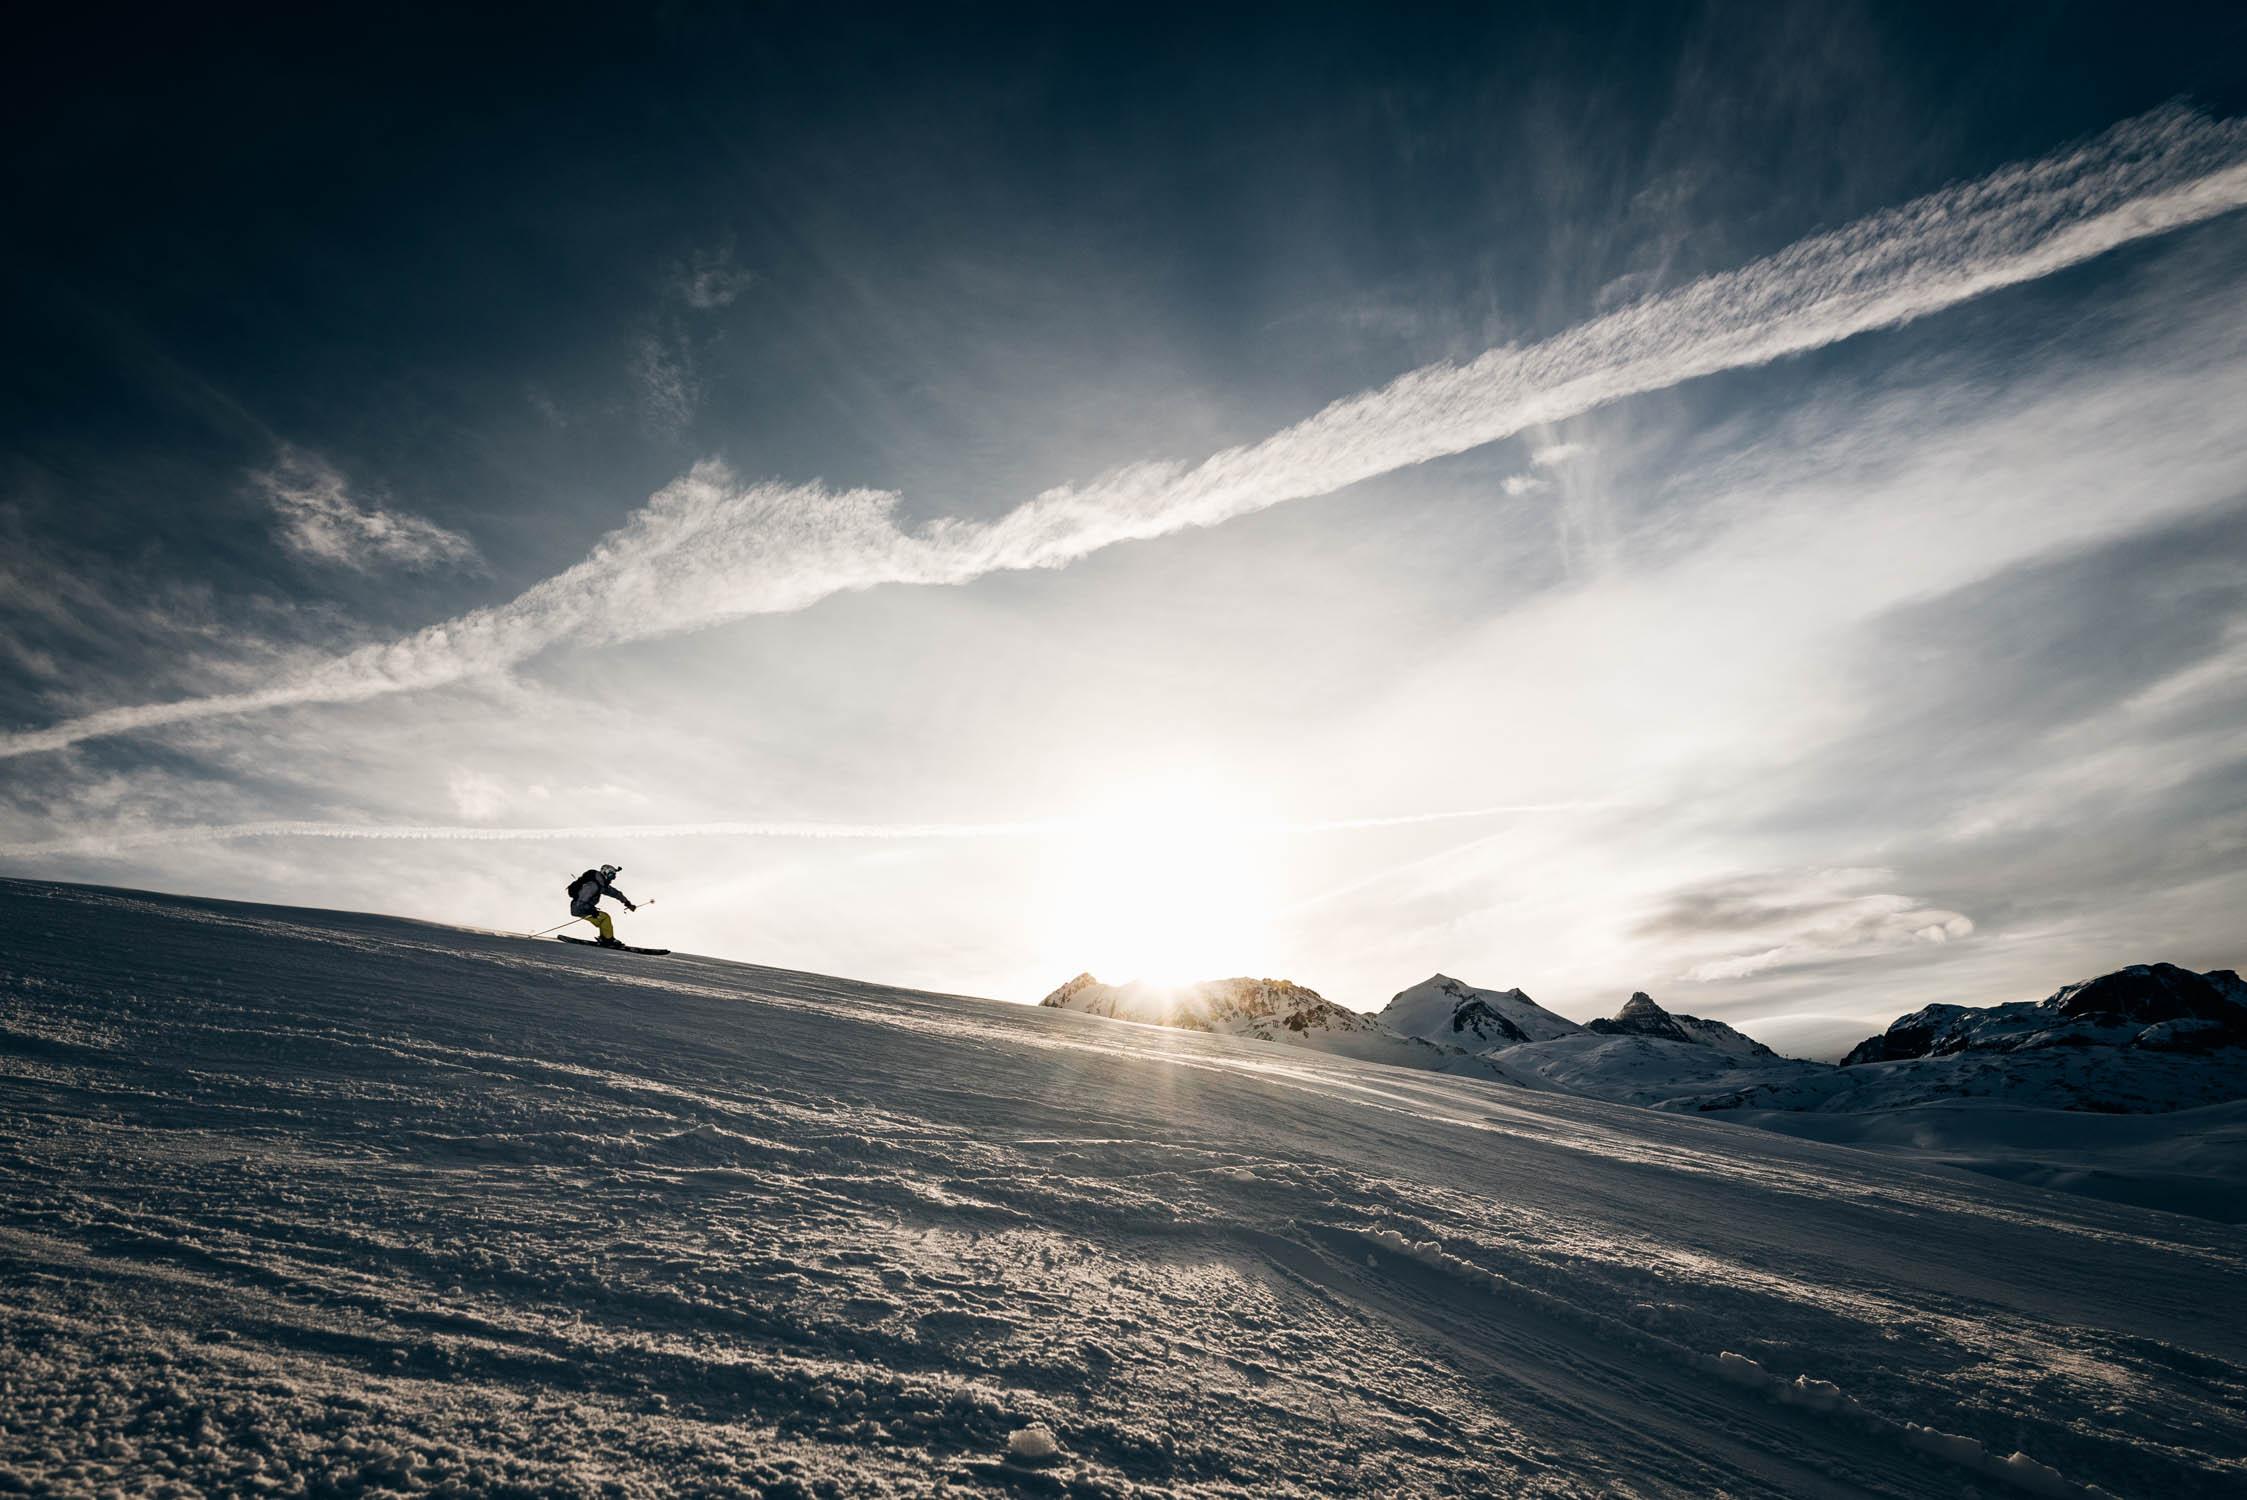 gustav-thuesen-adventure-outdoor-lifestyle-skiing-action-sport-1.jpg